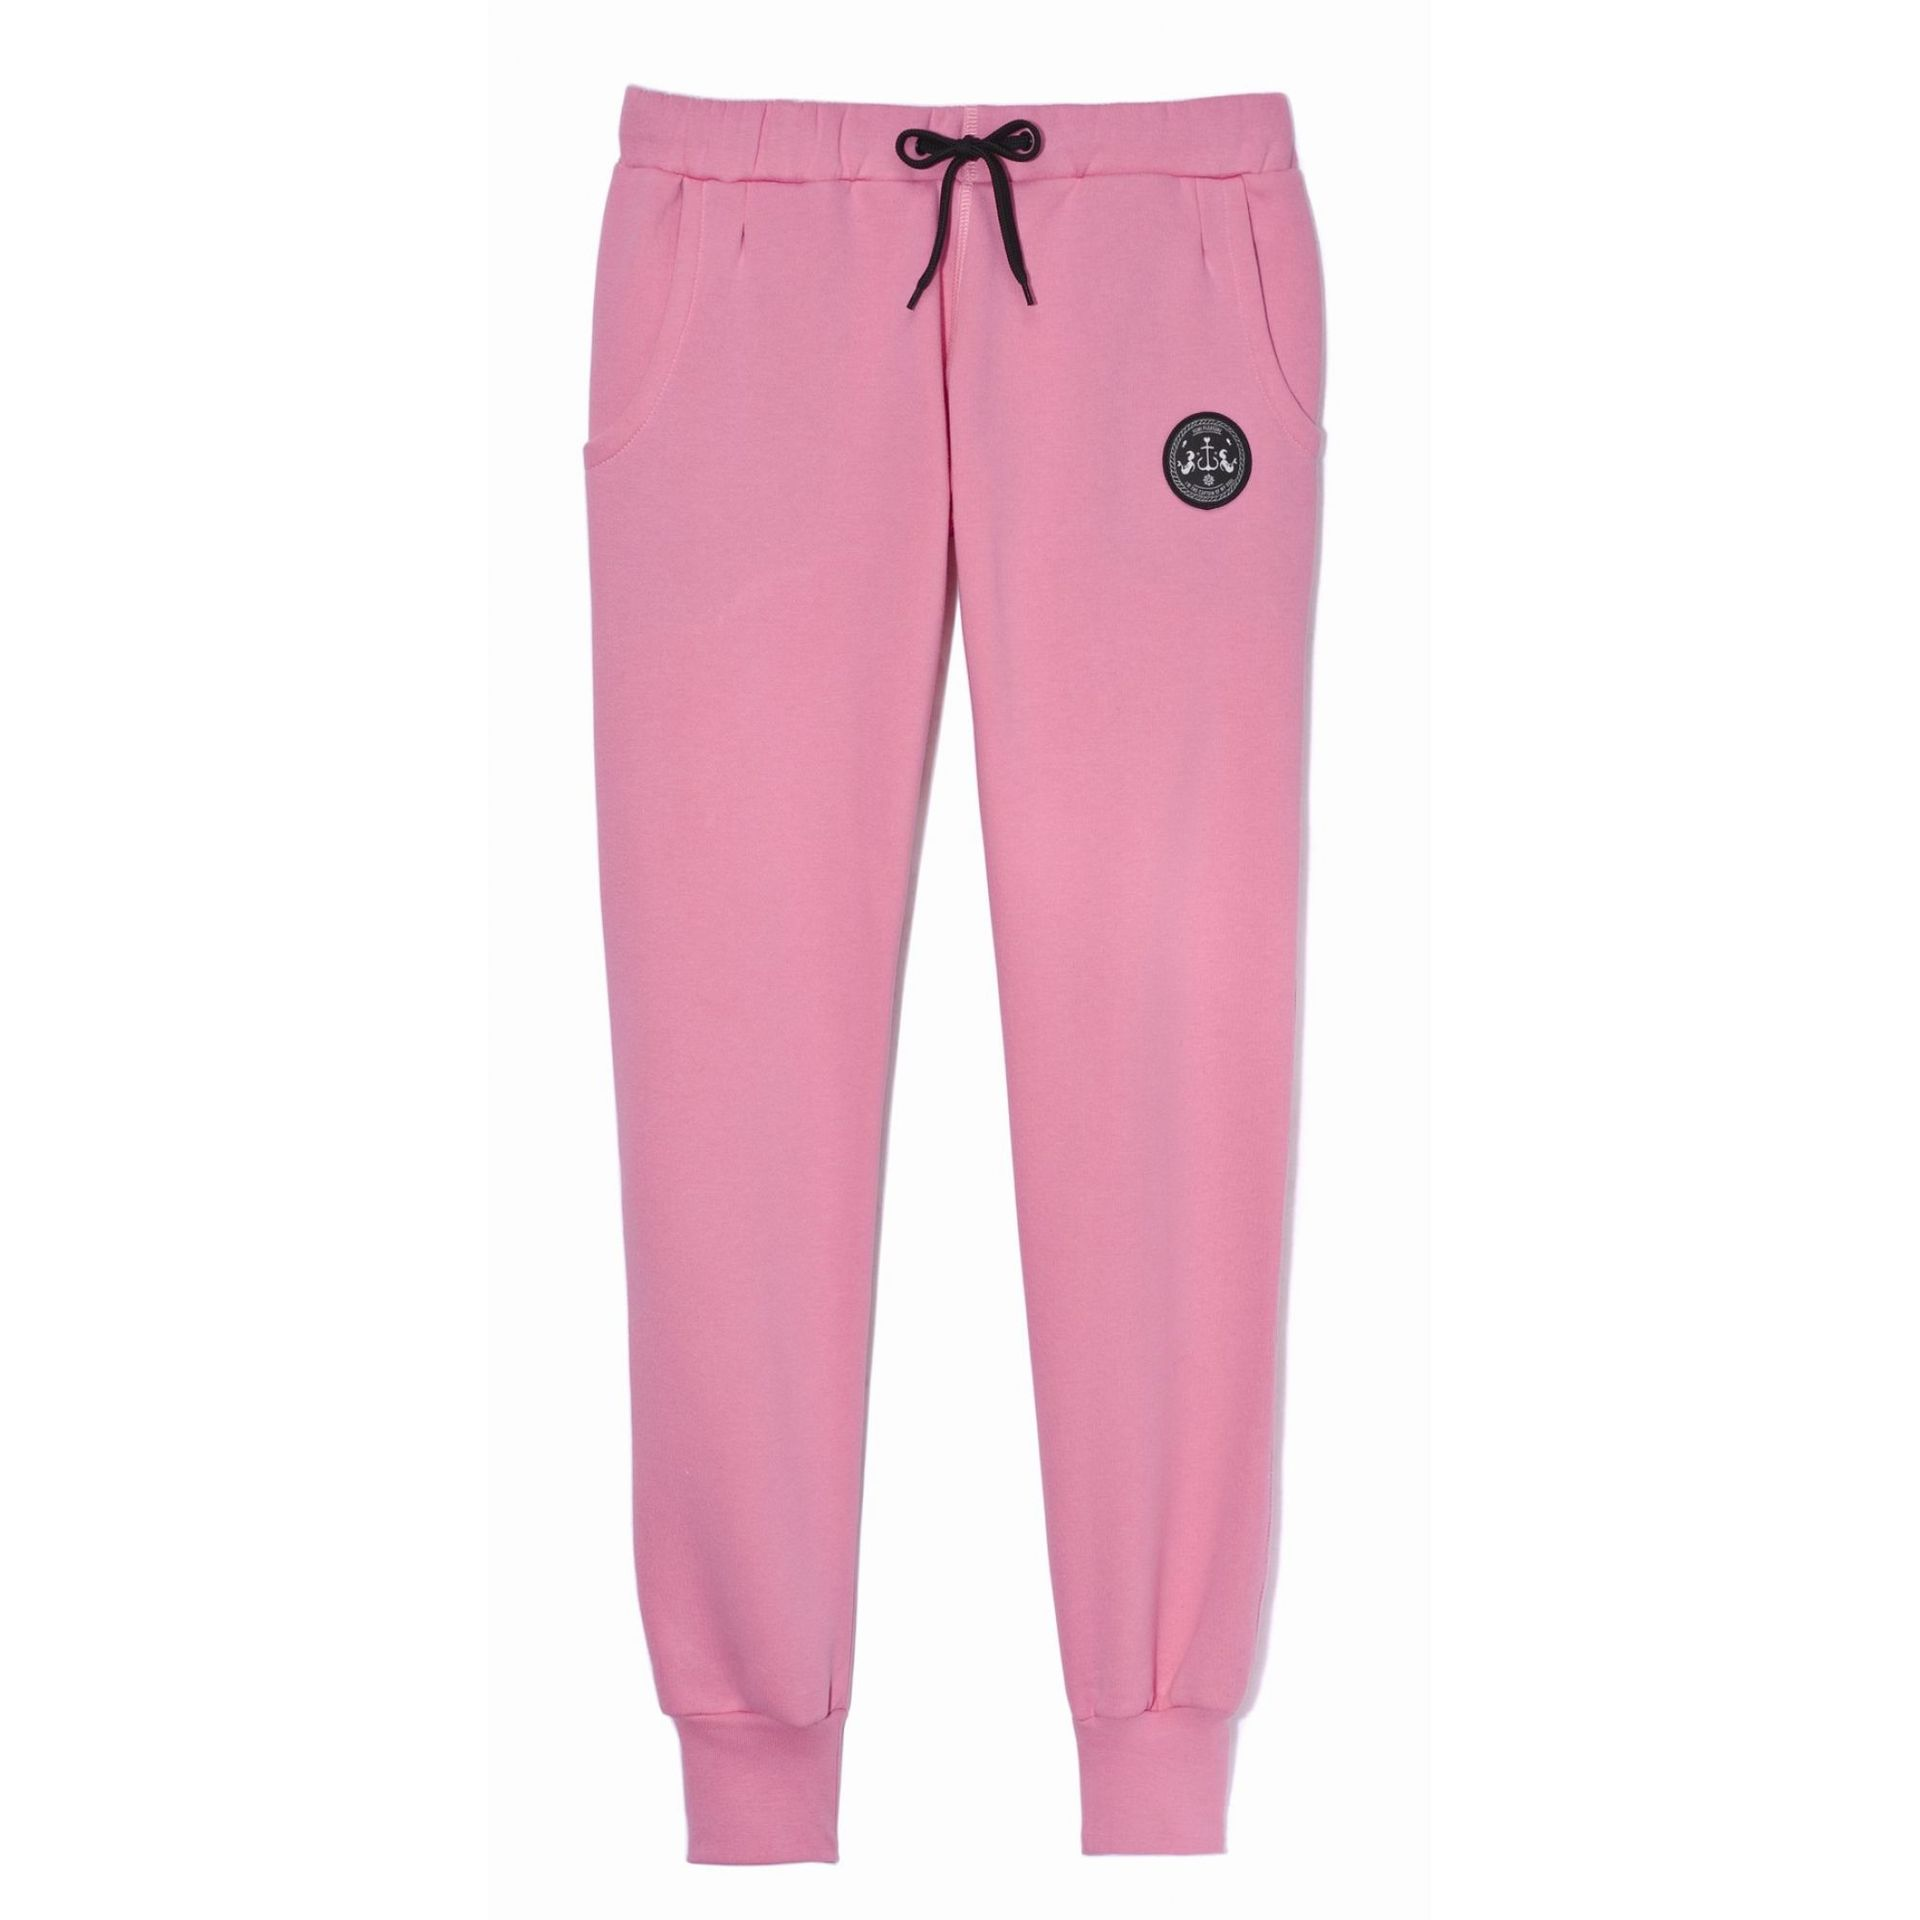 Spodnie Femi Pleasure Rhodos różowe